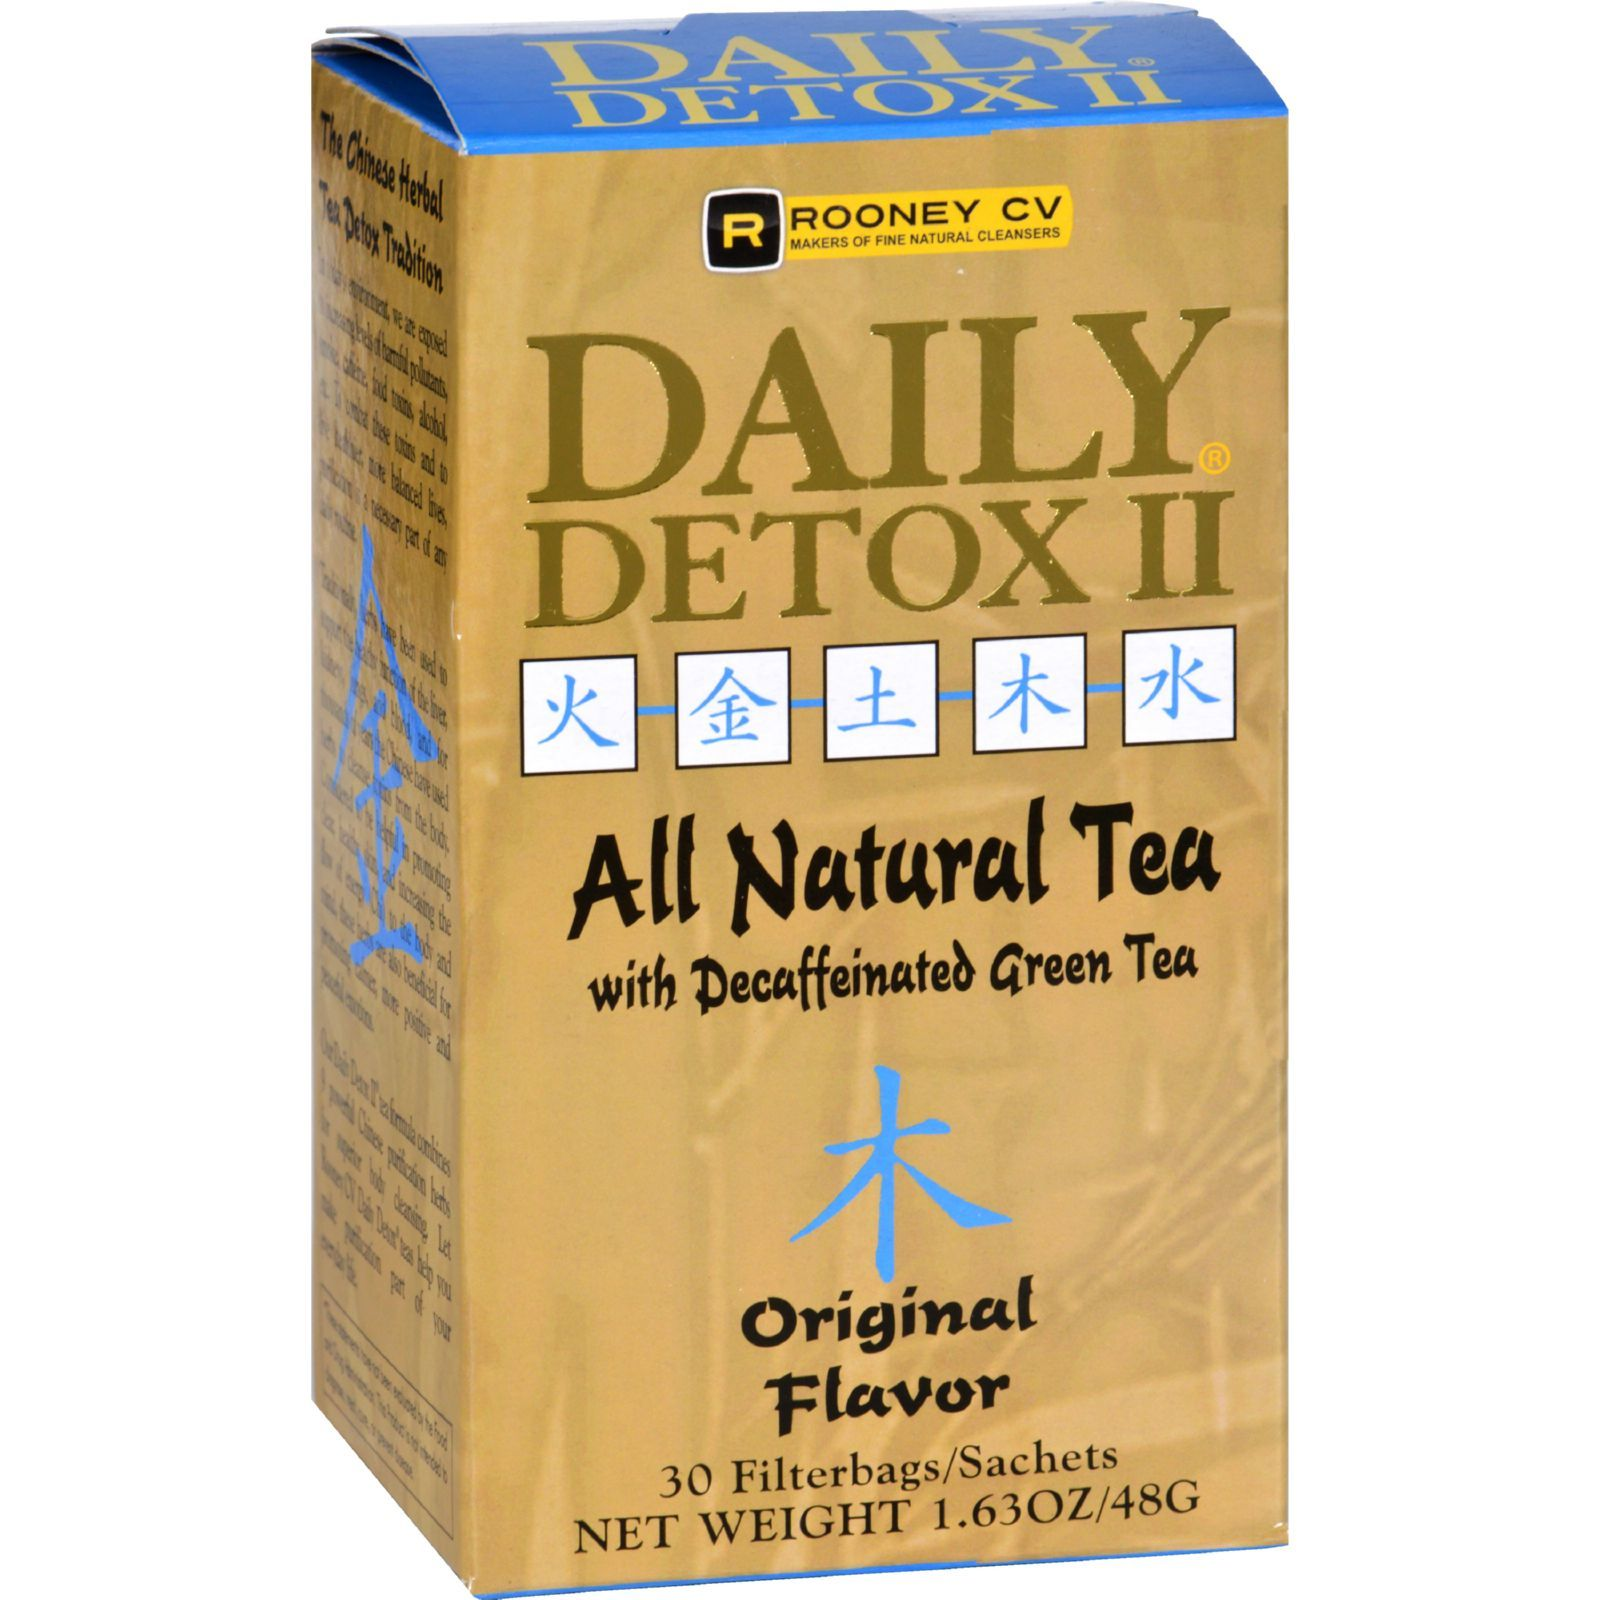 Wellements Daily Detox II All Natural Tea Original - 30 Sachet